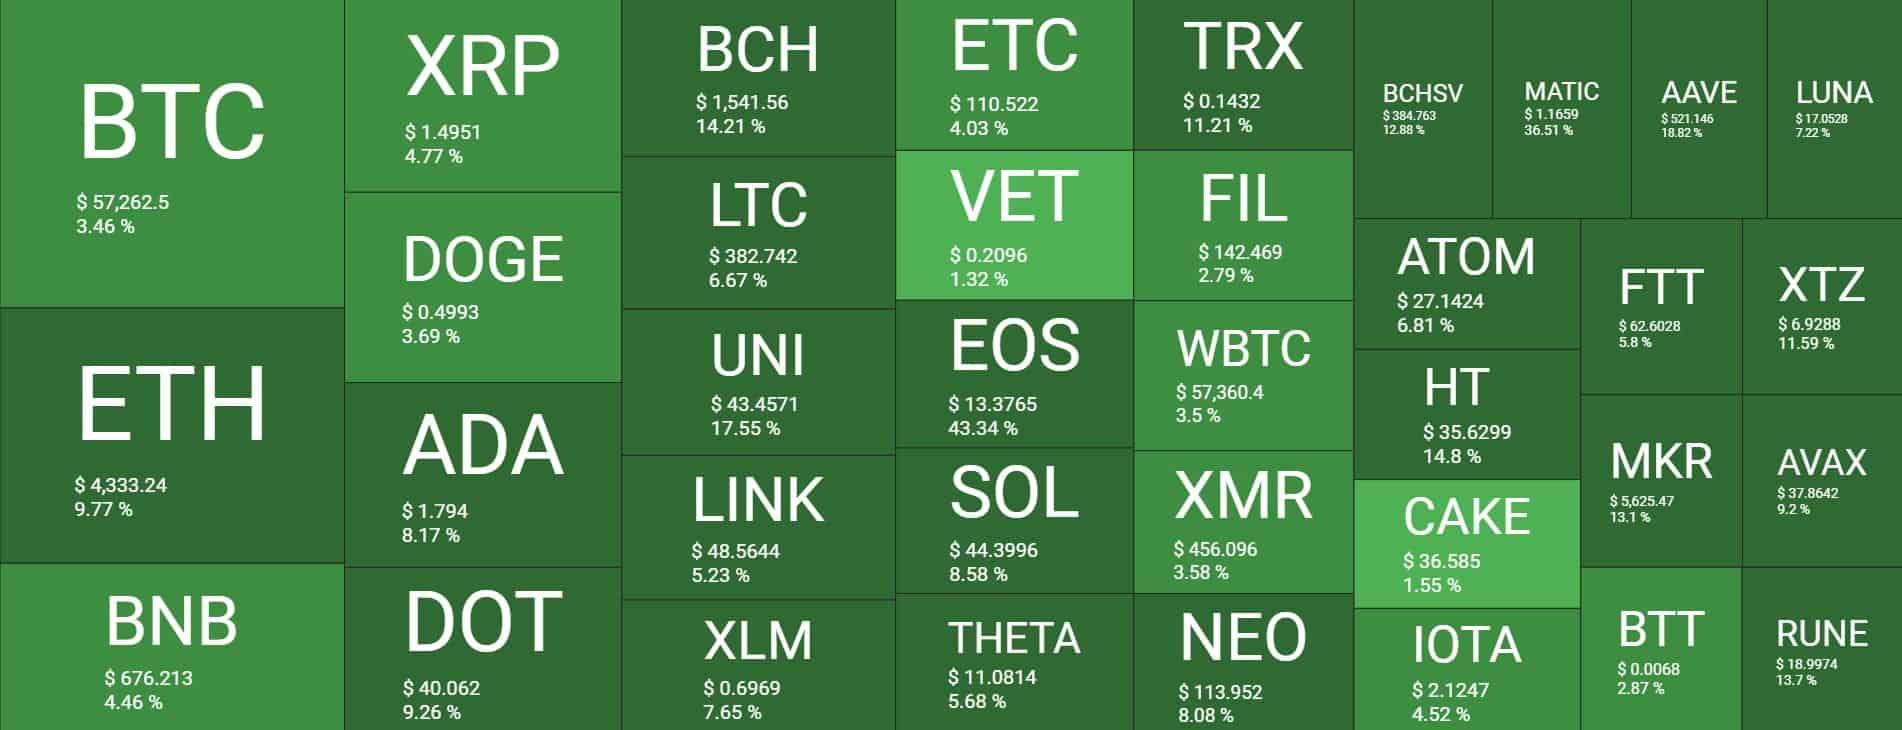 ETH Tops $500B Market Cap, Altcoins Party Double-Digit Gains: Market Watch